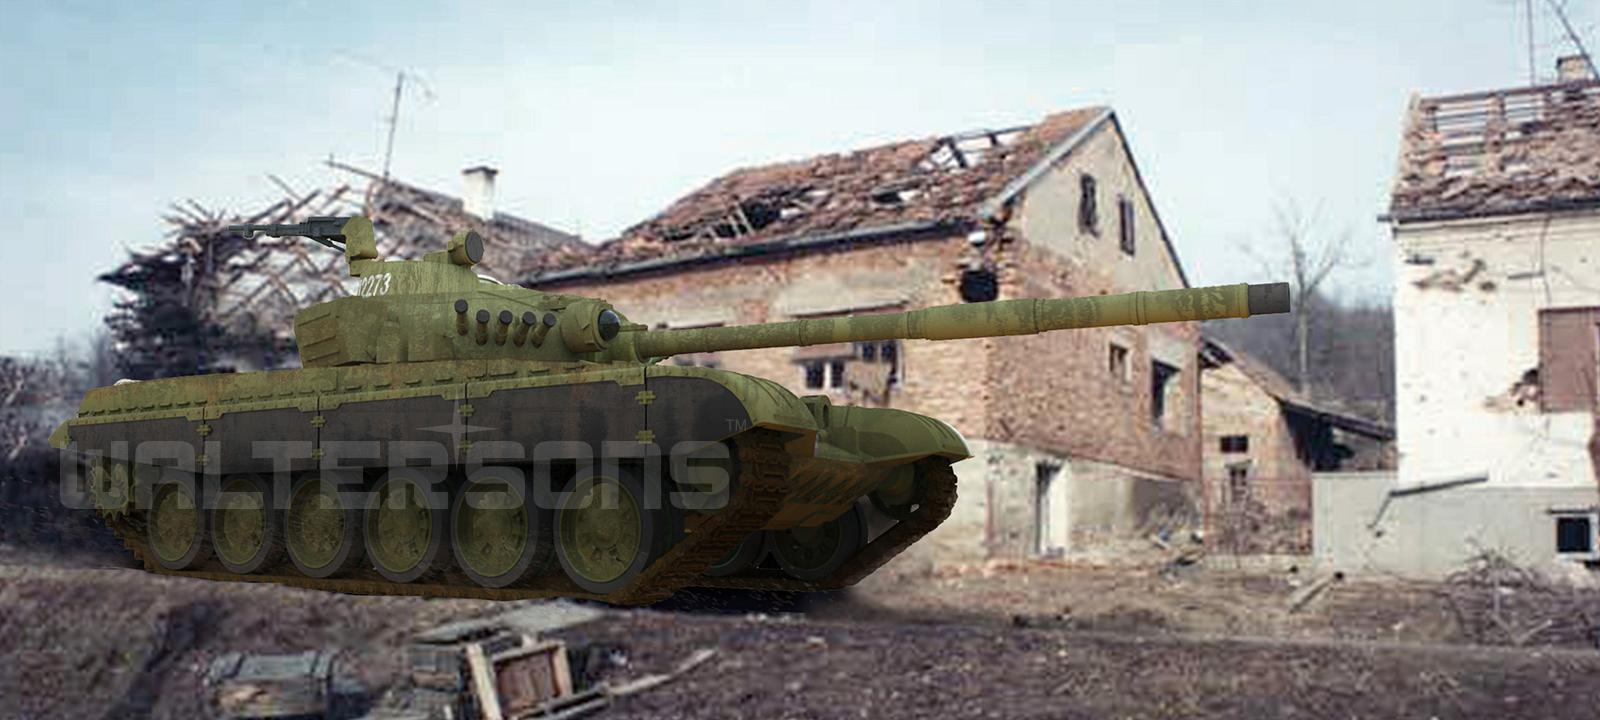 RC tank Waltersons M-84 NATO 1/72